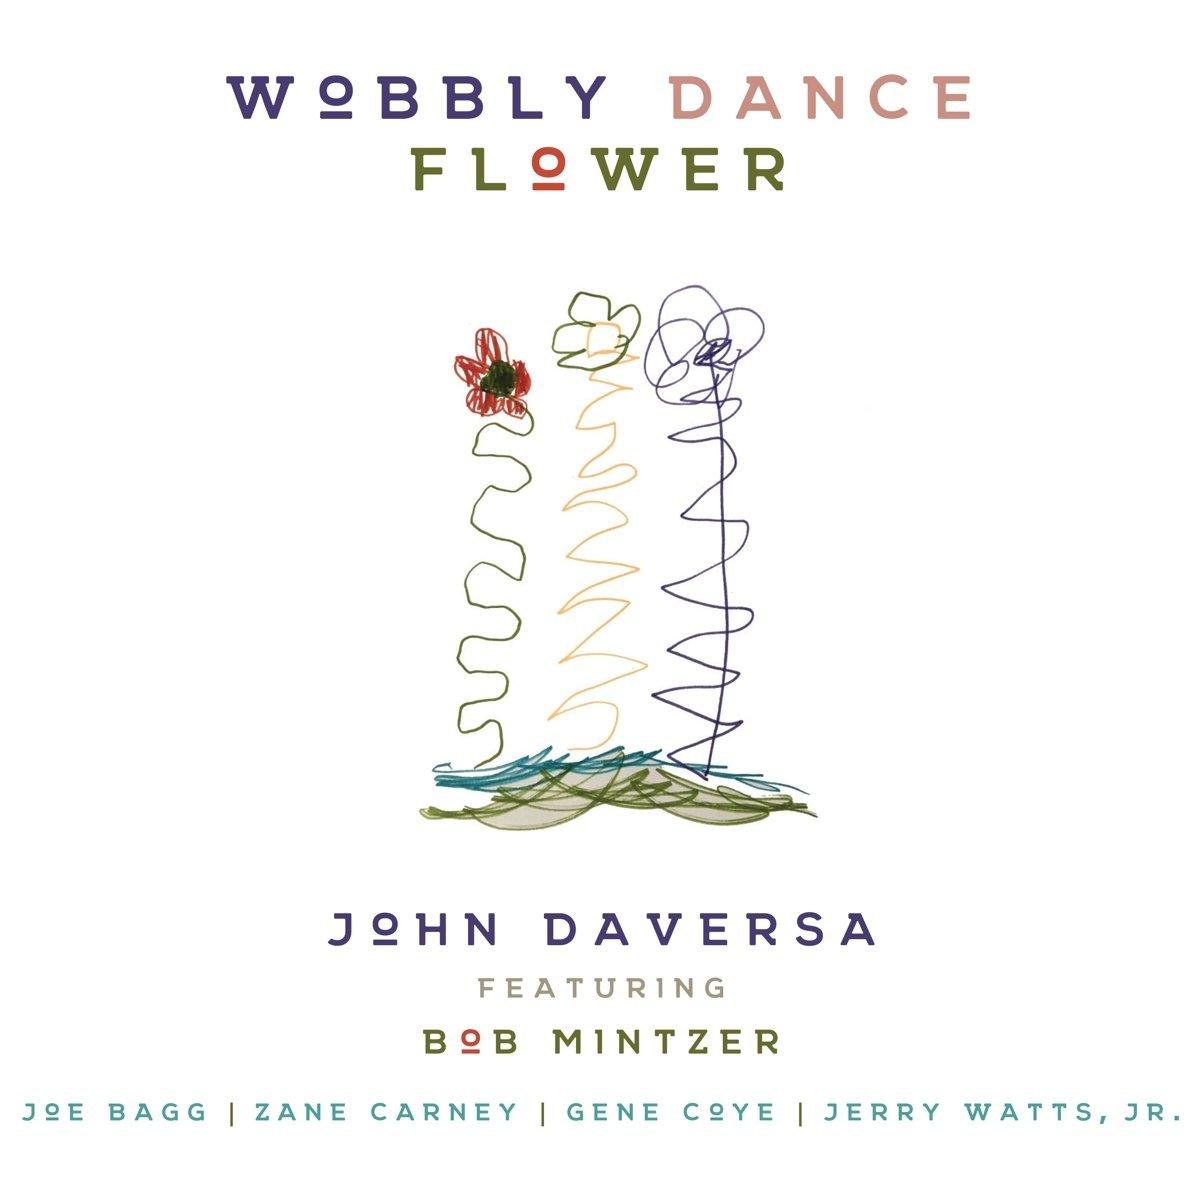 JOHN DAVERSA - Wobbly Dance Flower cover